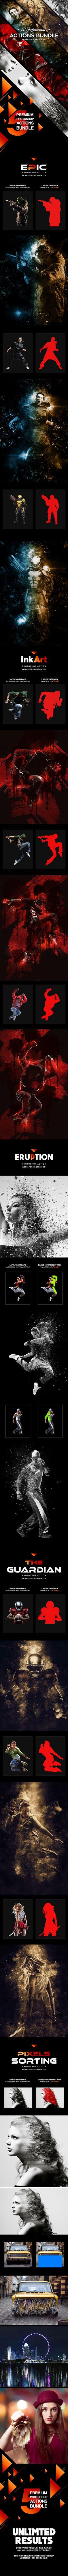 Five Photoshop Actions Bundle — Photoshop ATN #explosion #tutorial • Download ➝ https://graphicriver.net/item/five-photoshop-actions-bundle/20326670?ref=pxcr